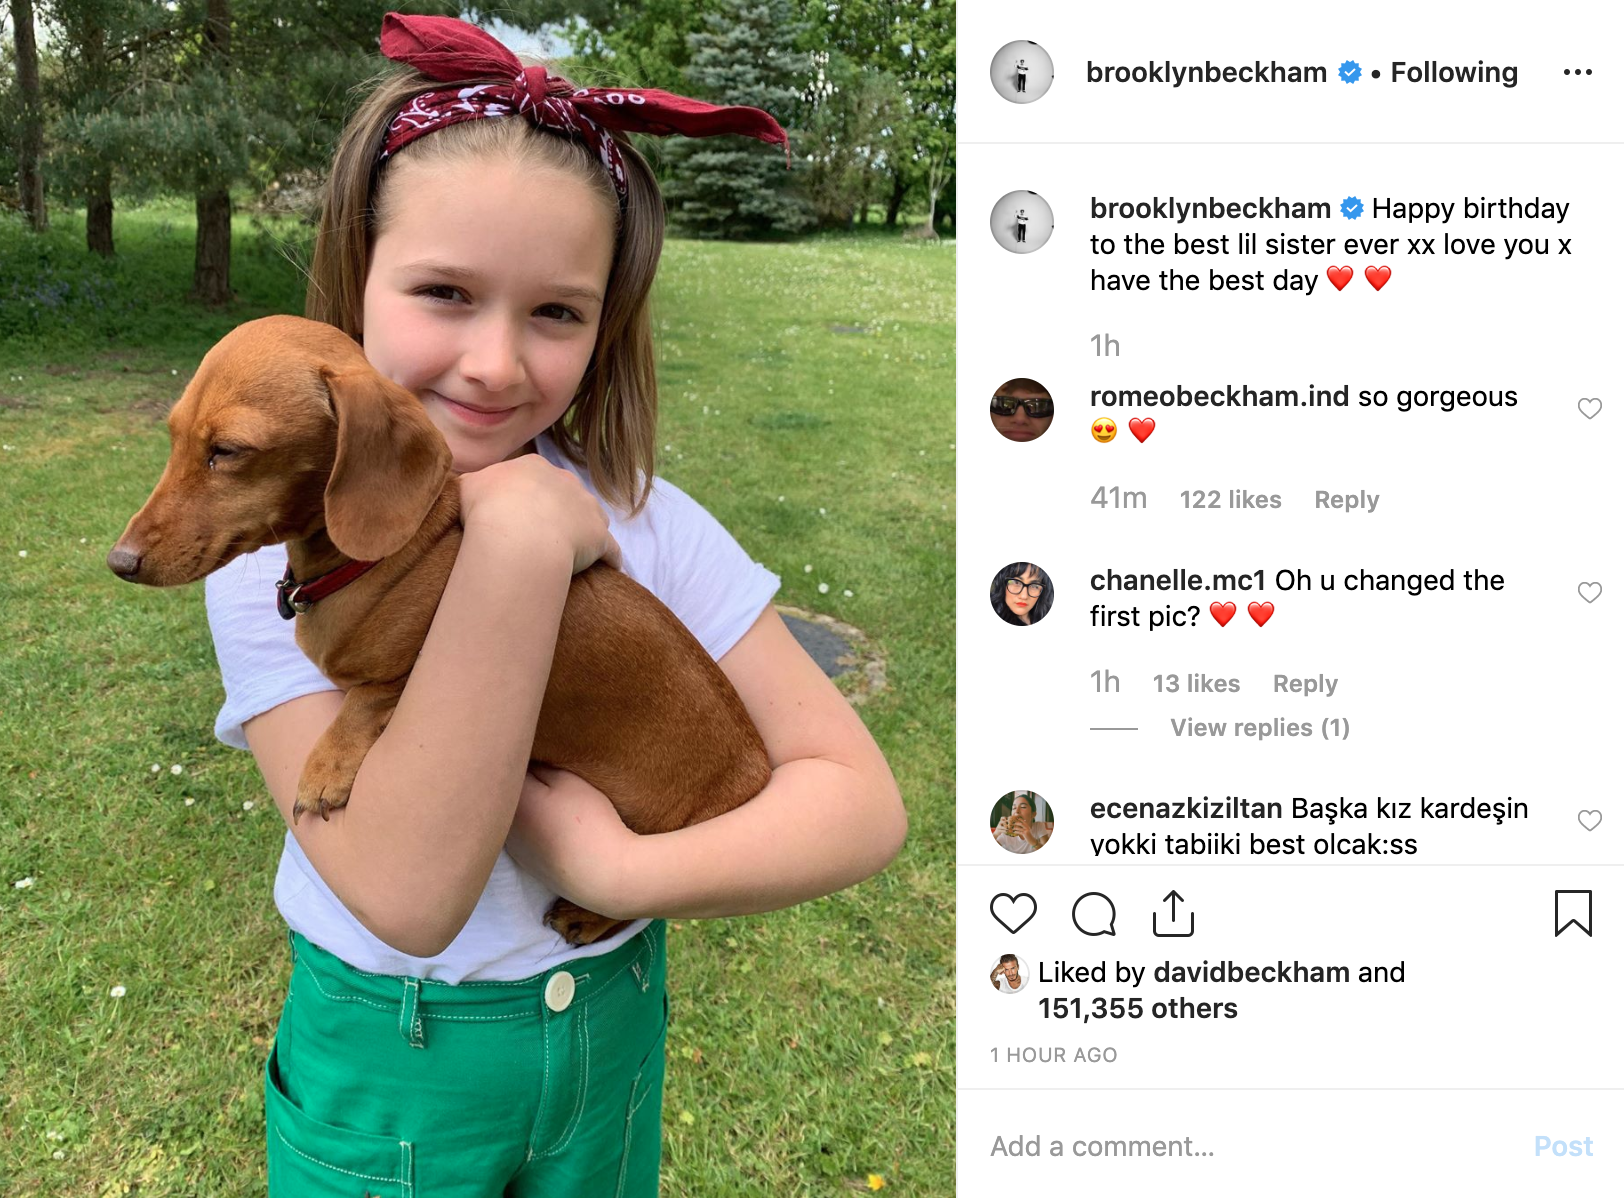 Cả nhà Beckham đăng ảnh chúc mừng sinh nhật Harper 8 tuổi, nhan sắc rực rỡ đáng yêu của cô bé gây chú ý - Ảnh 3.